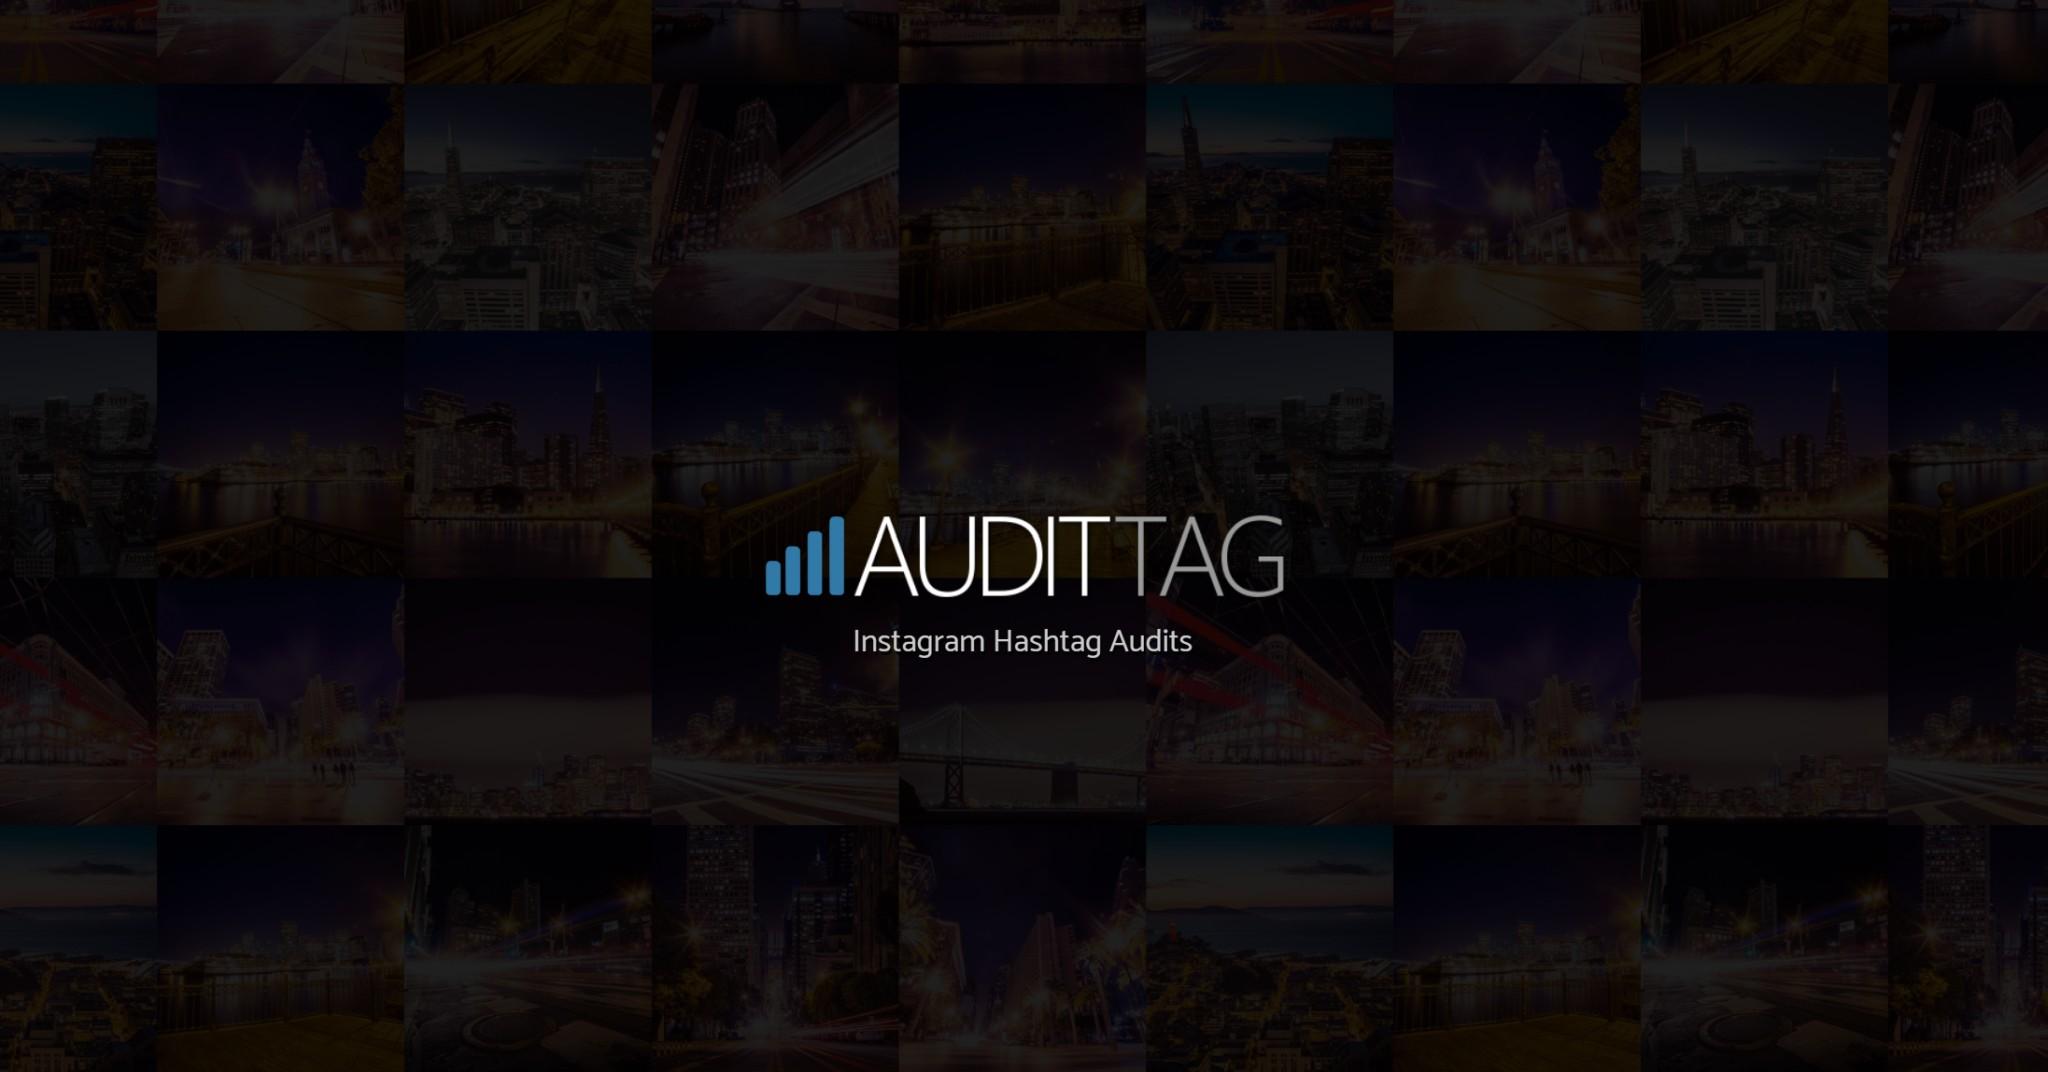 AuditTag.com